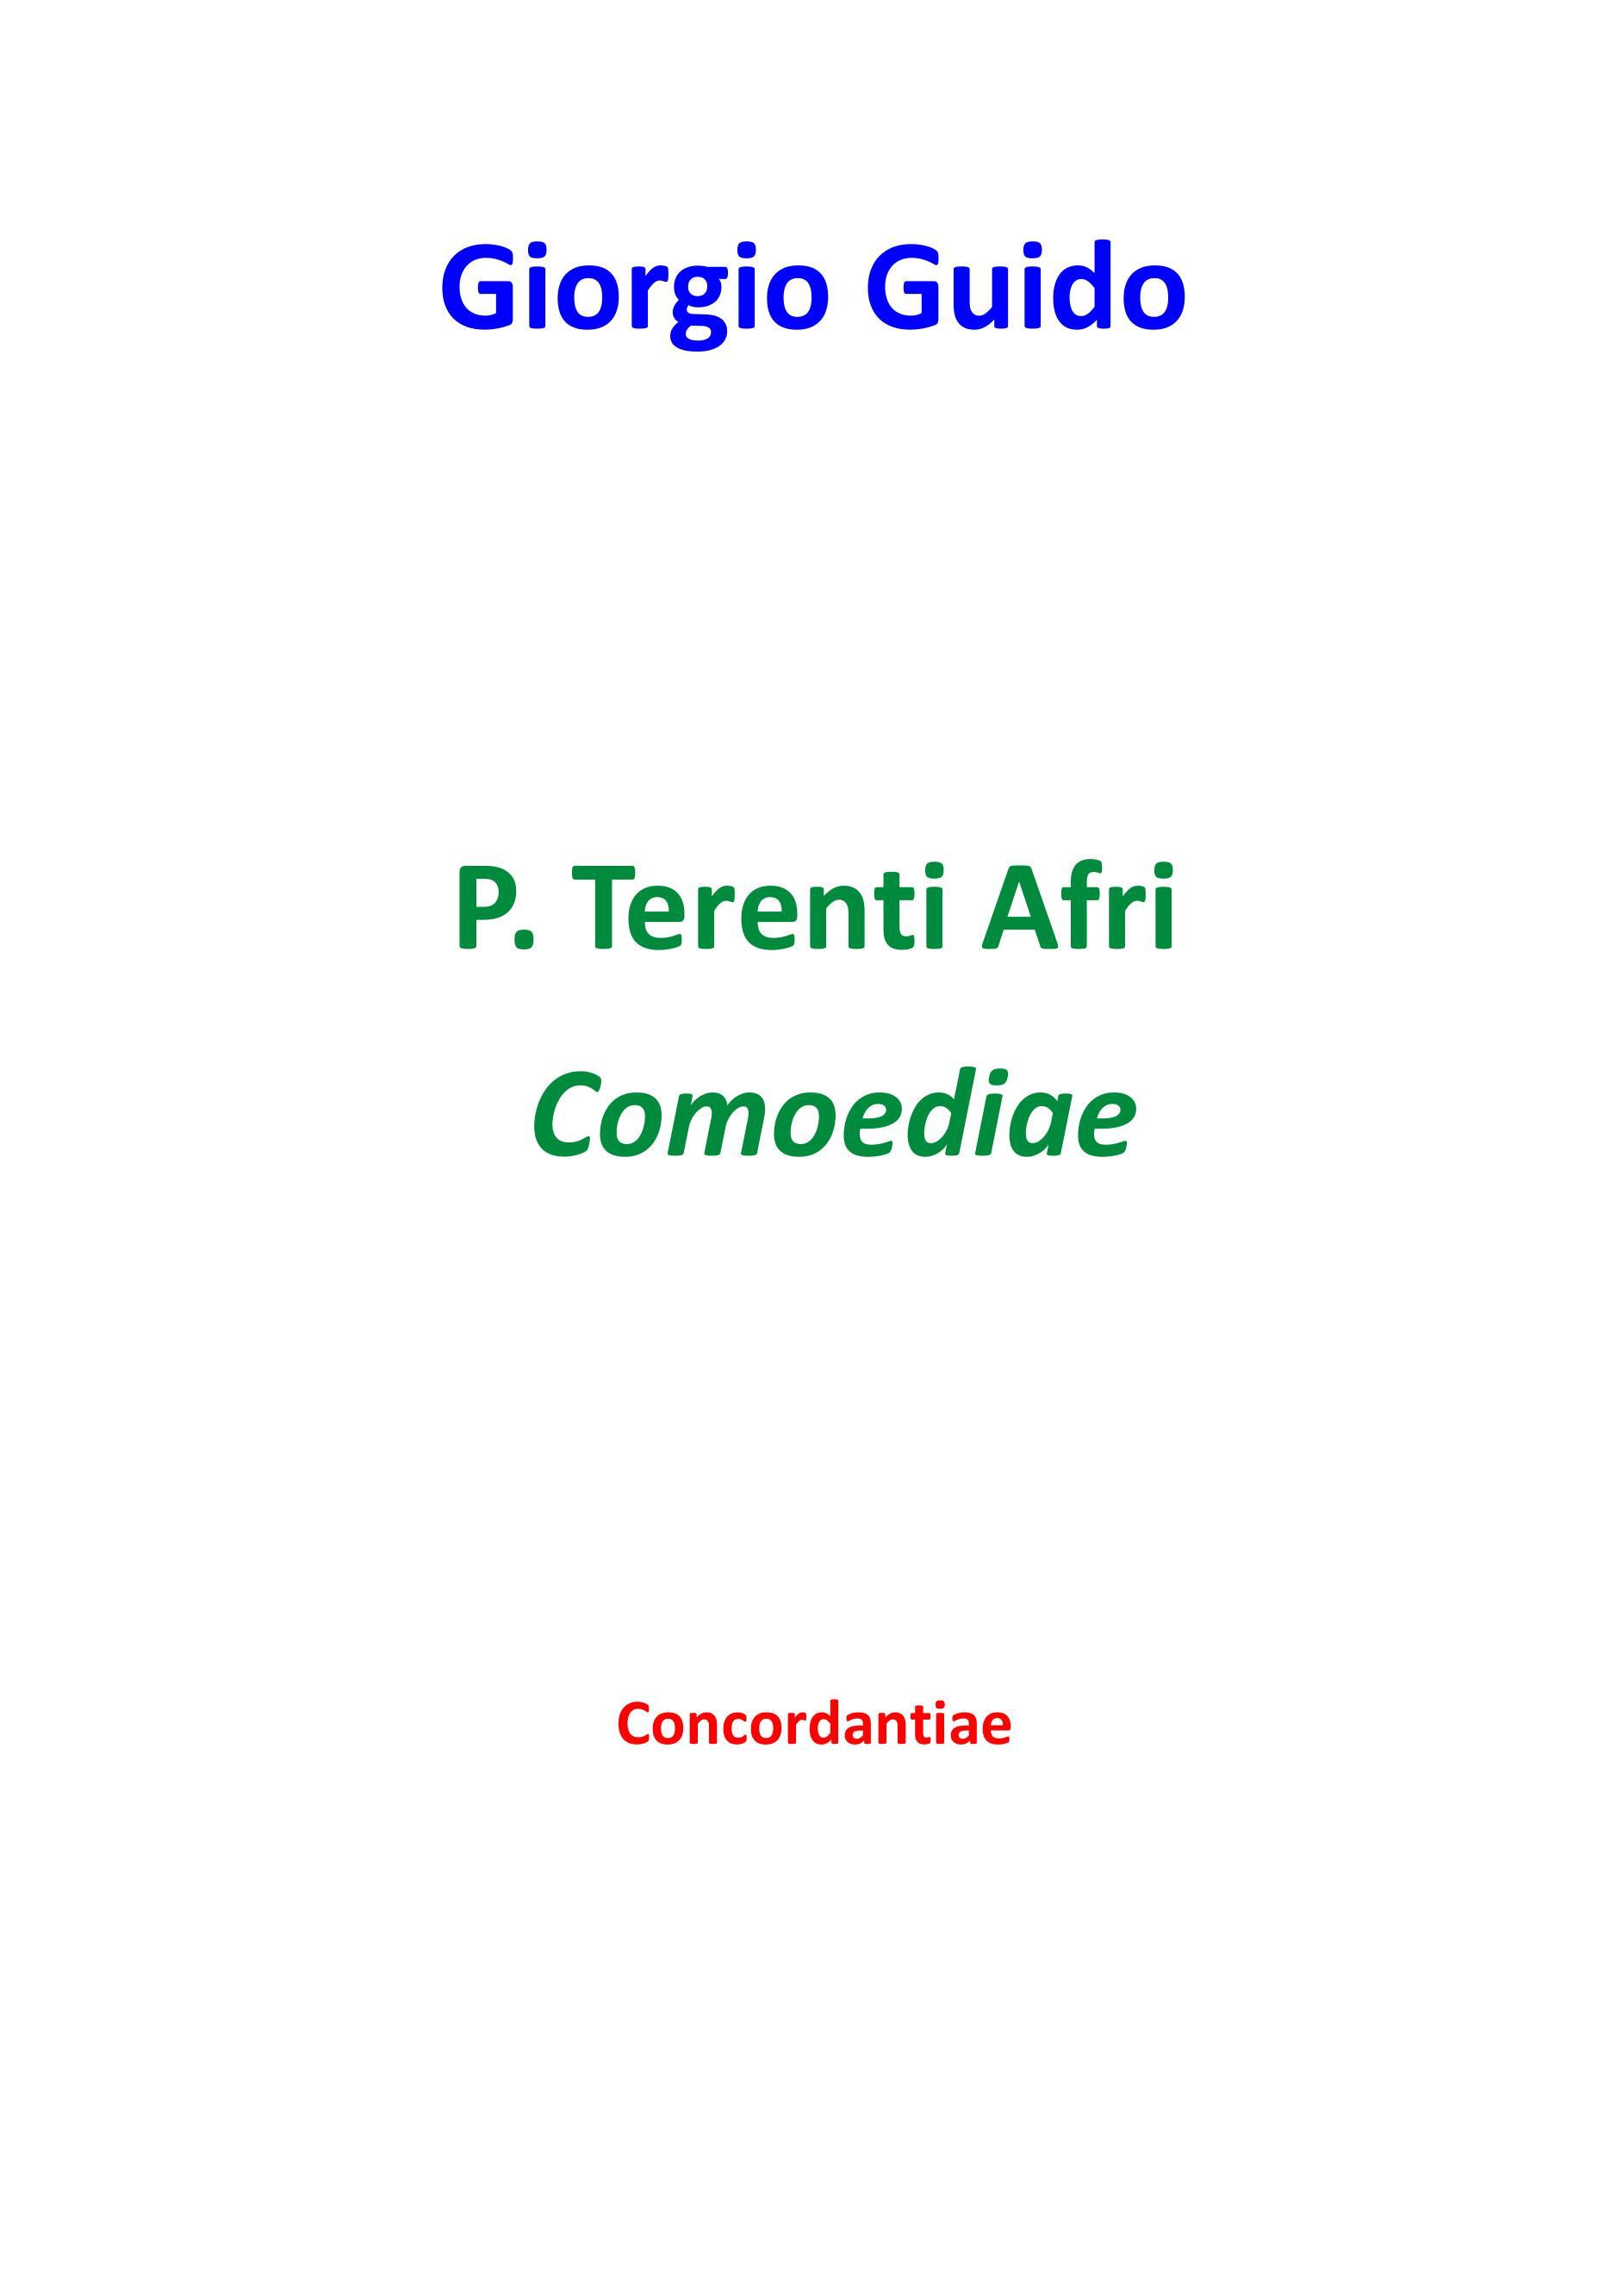 P. Terenti Afri Comoediae - Concordantiae